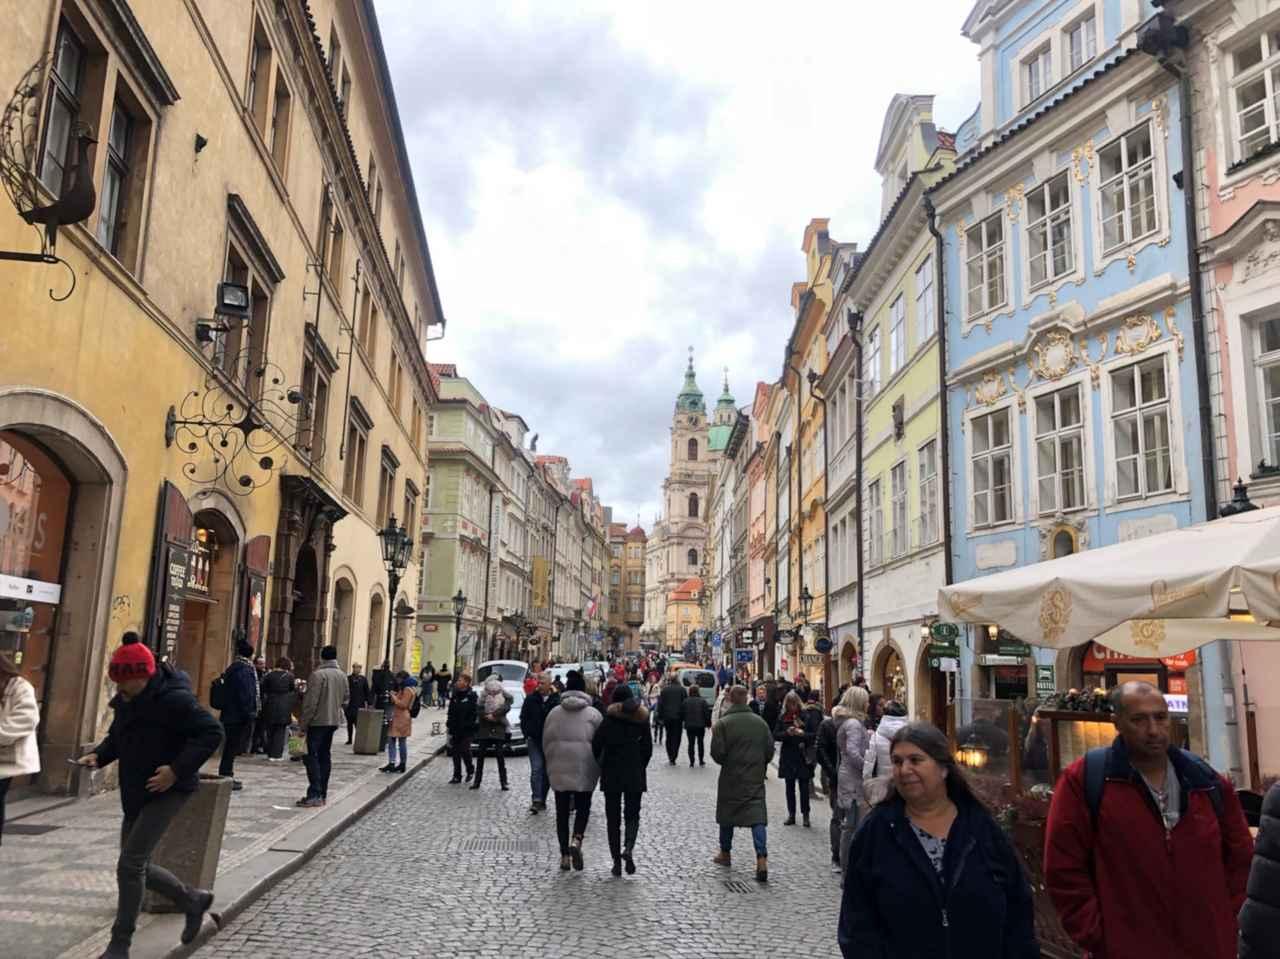 画像: プラハ旧市街の街並み/太撮影